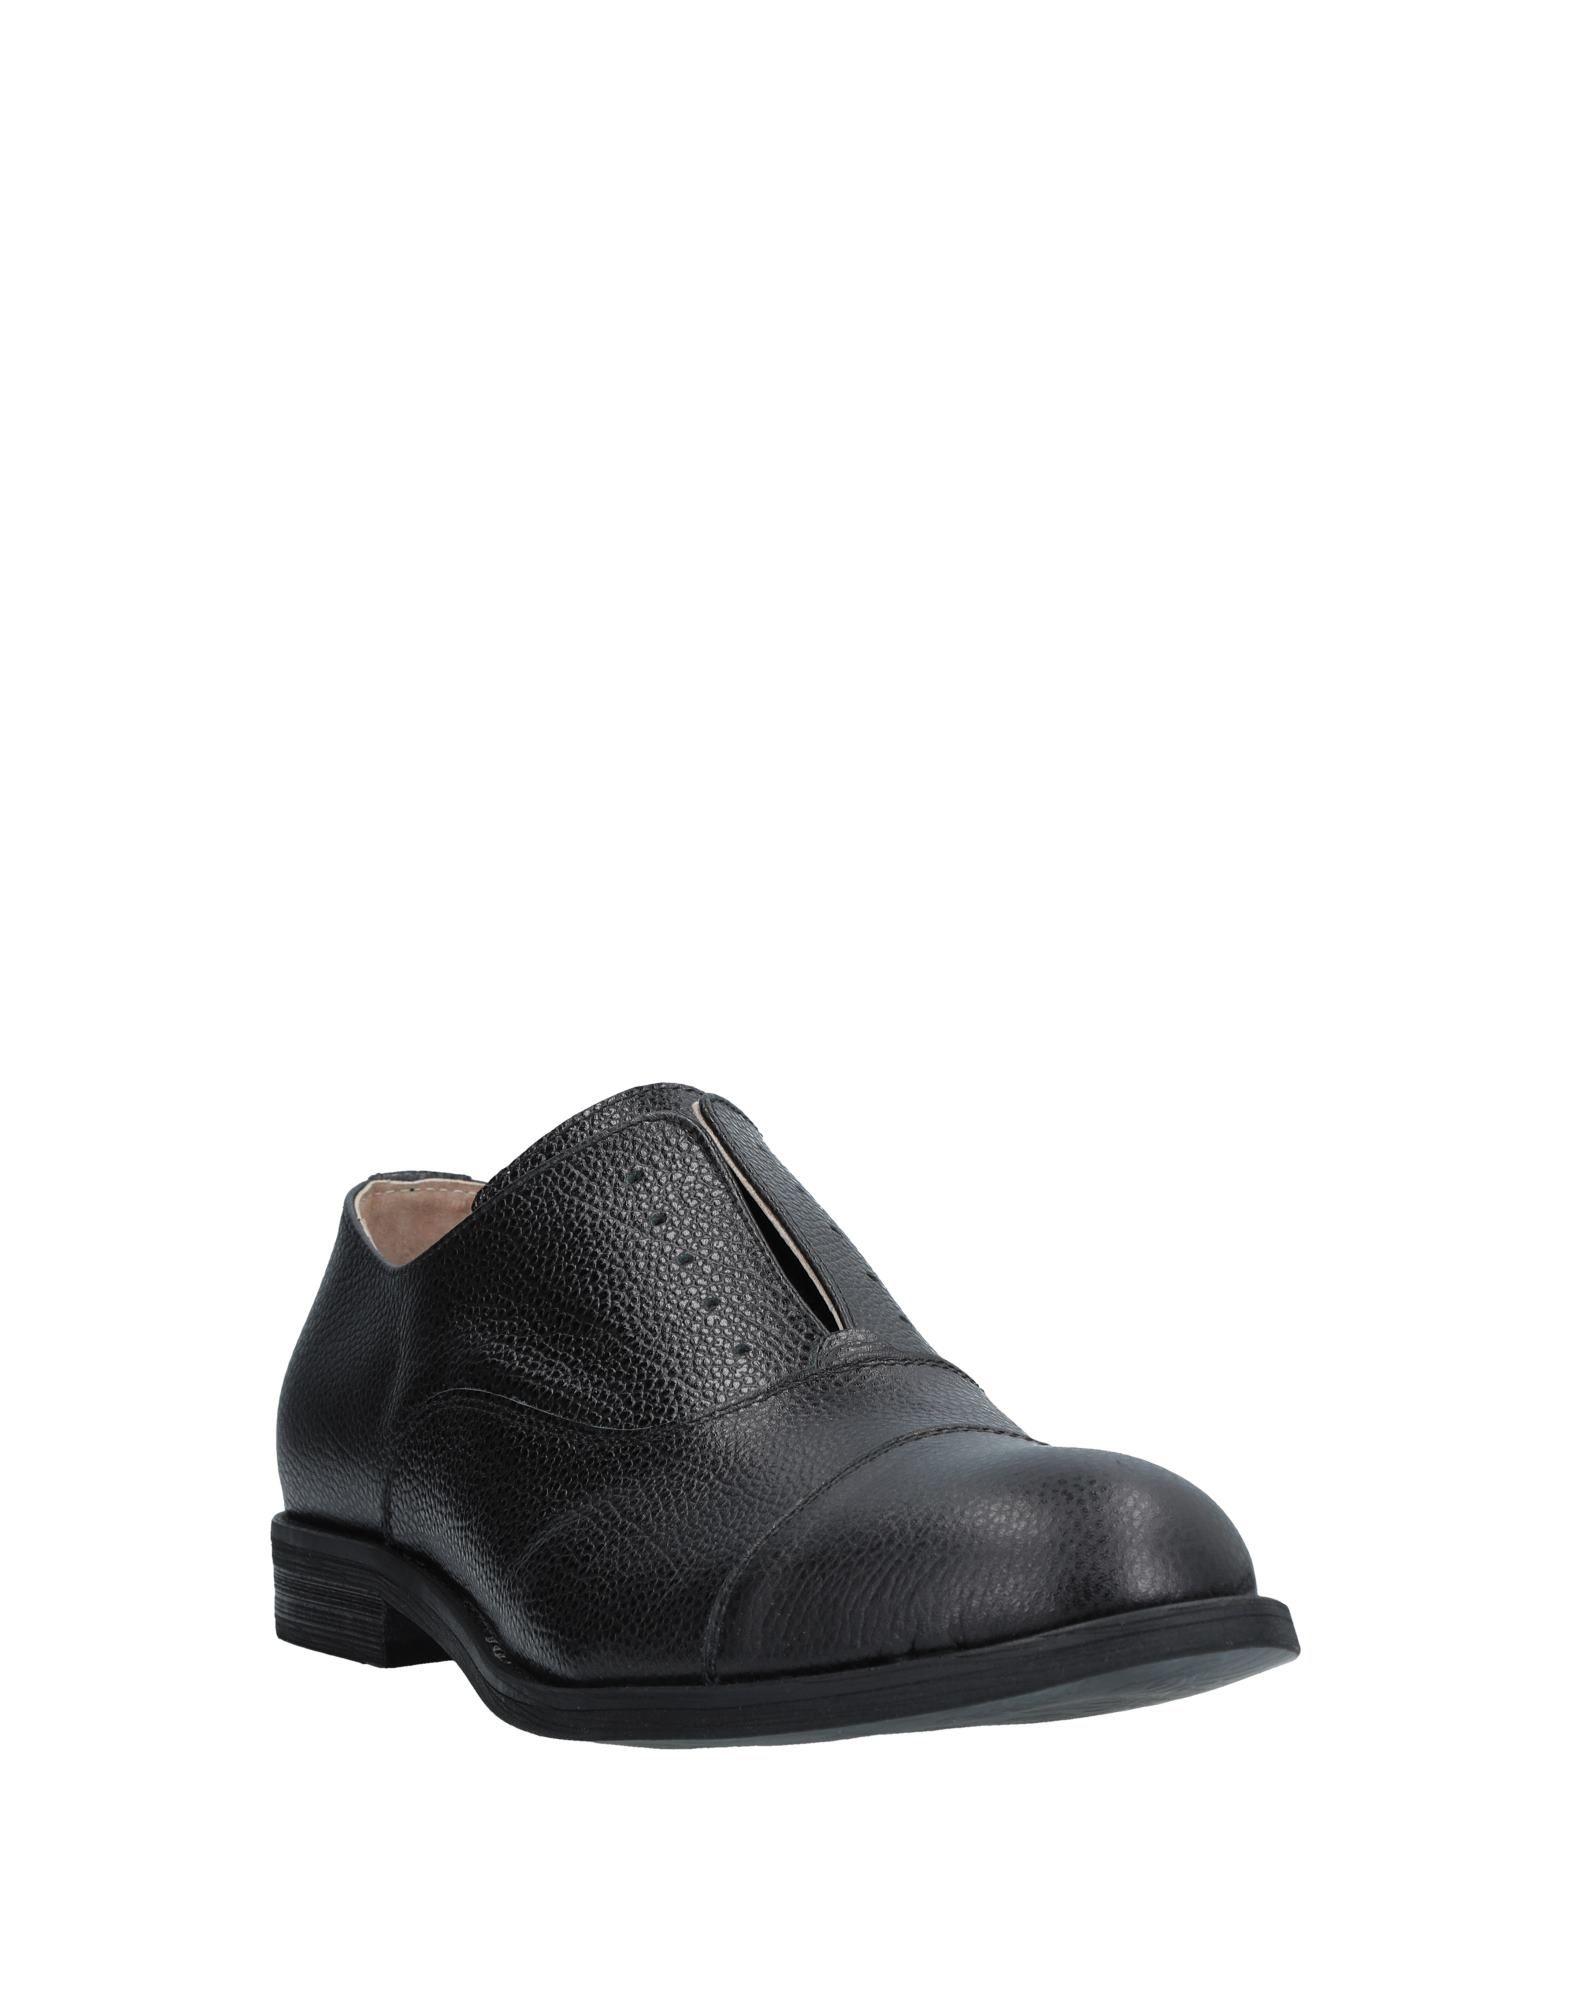 Rabatt Mokassins echte Schuhe Officina 36 Mokassins Rabatt Herren  11540512IT 8ccd80